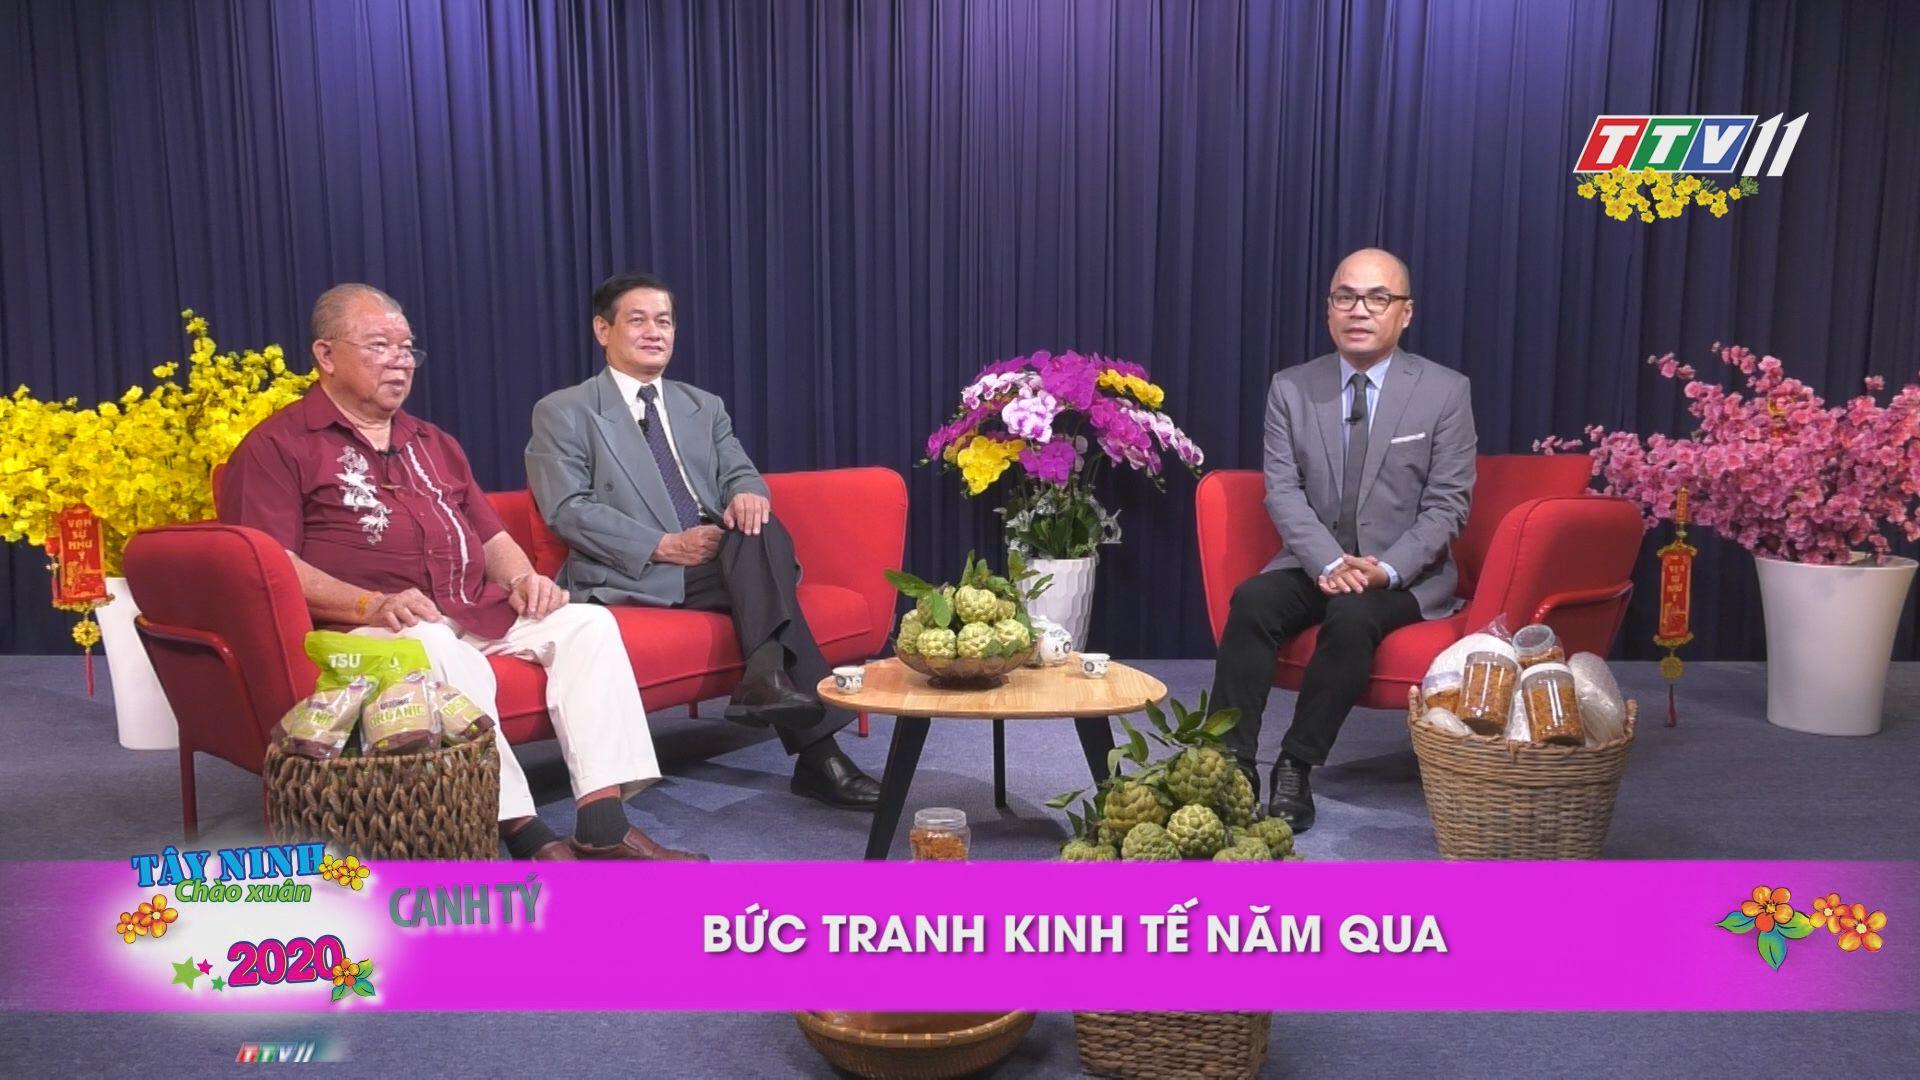 Bức tranh kinh tế năm qua | TALKSHOW TÂY NINH CHÀO XUÂN CANH TÝ | TayNinhTV